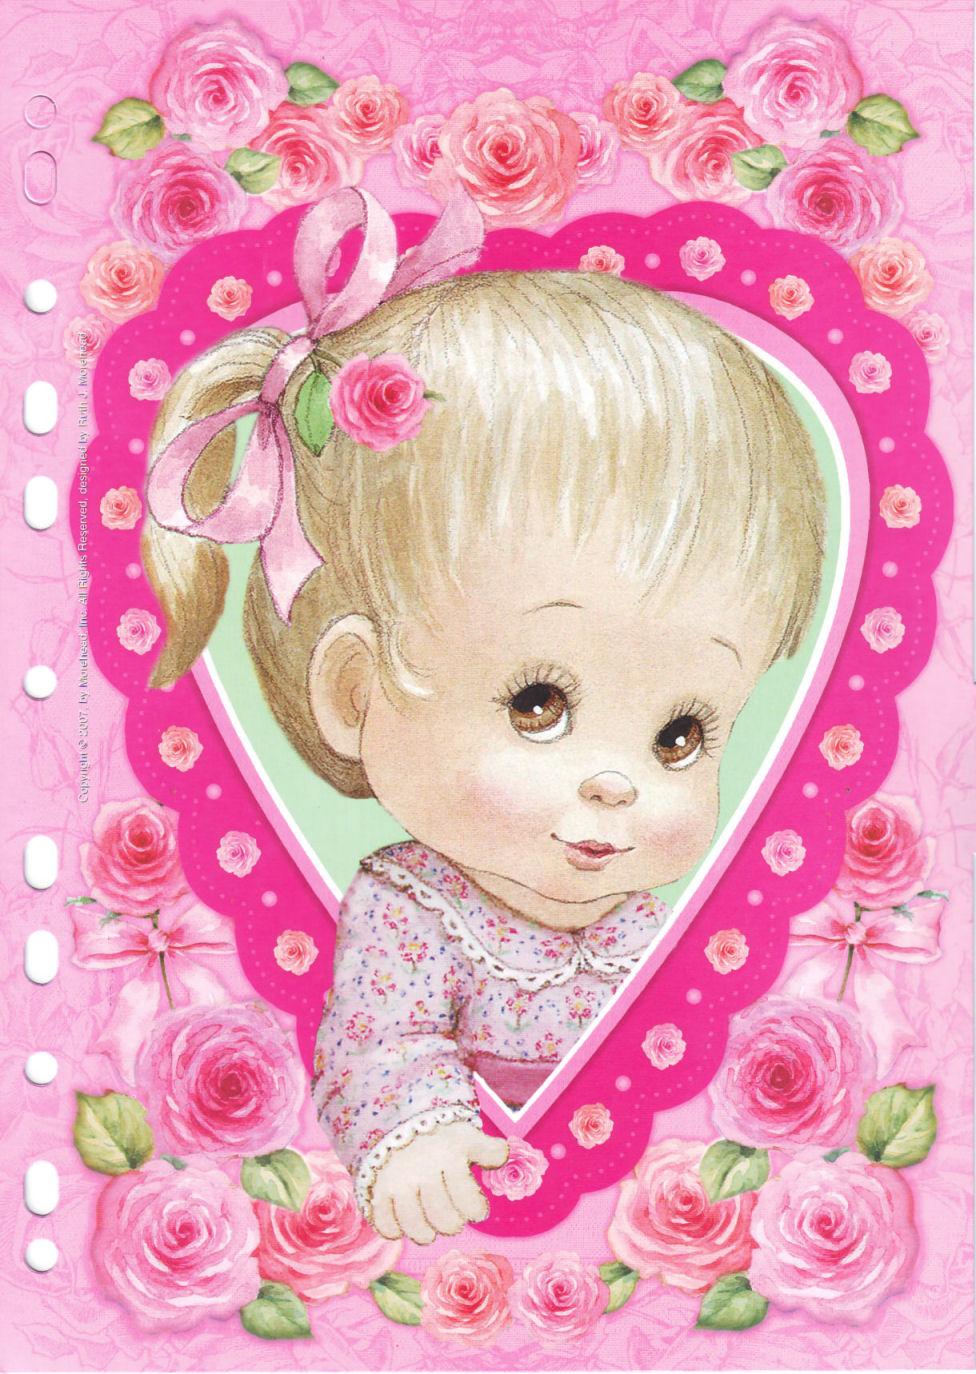 Изображение ребенка для открытки